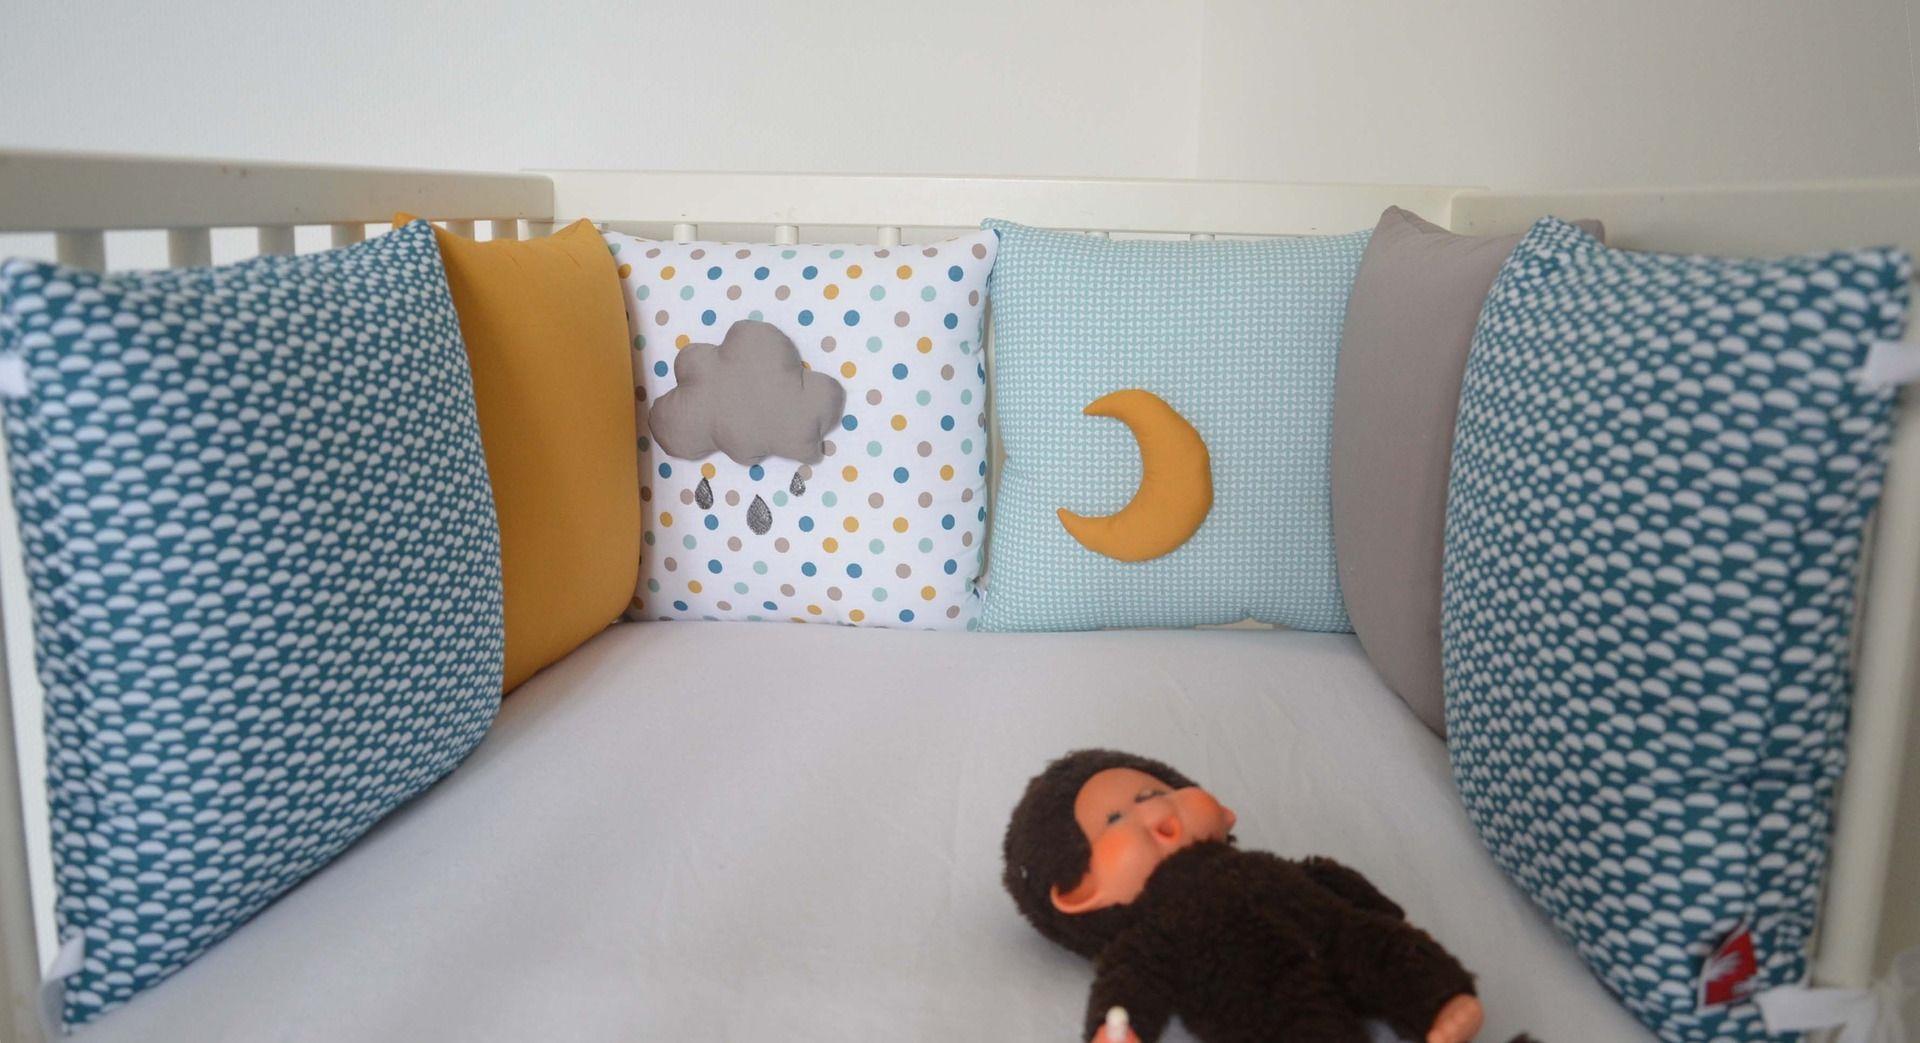 Tour de lit coussins bébé Collection \'Taupe sous roche ...